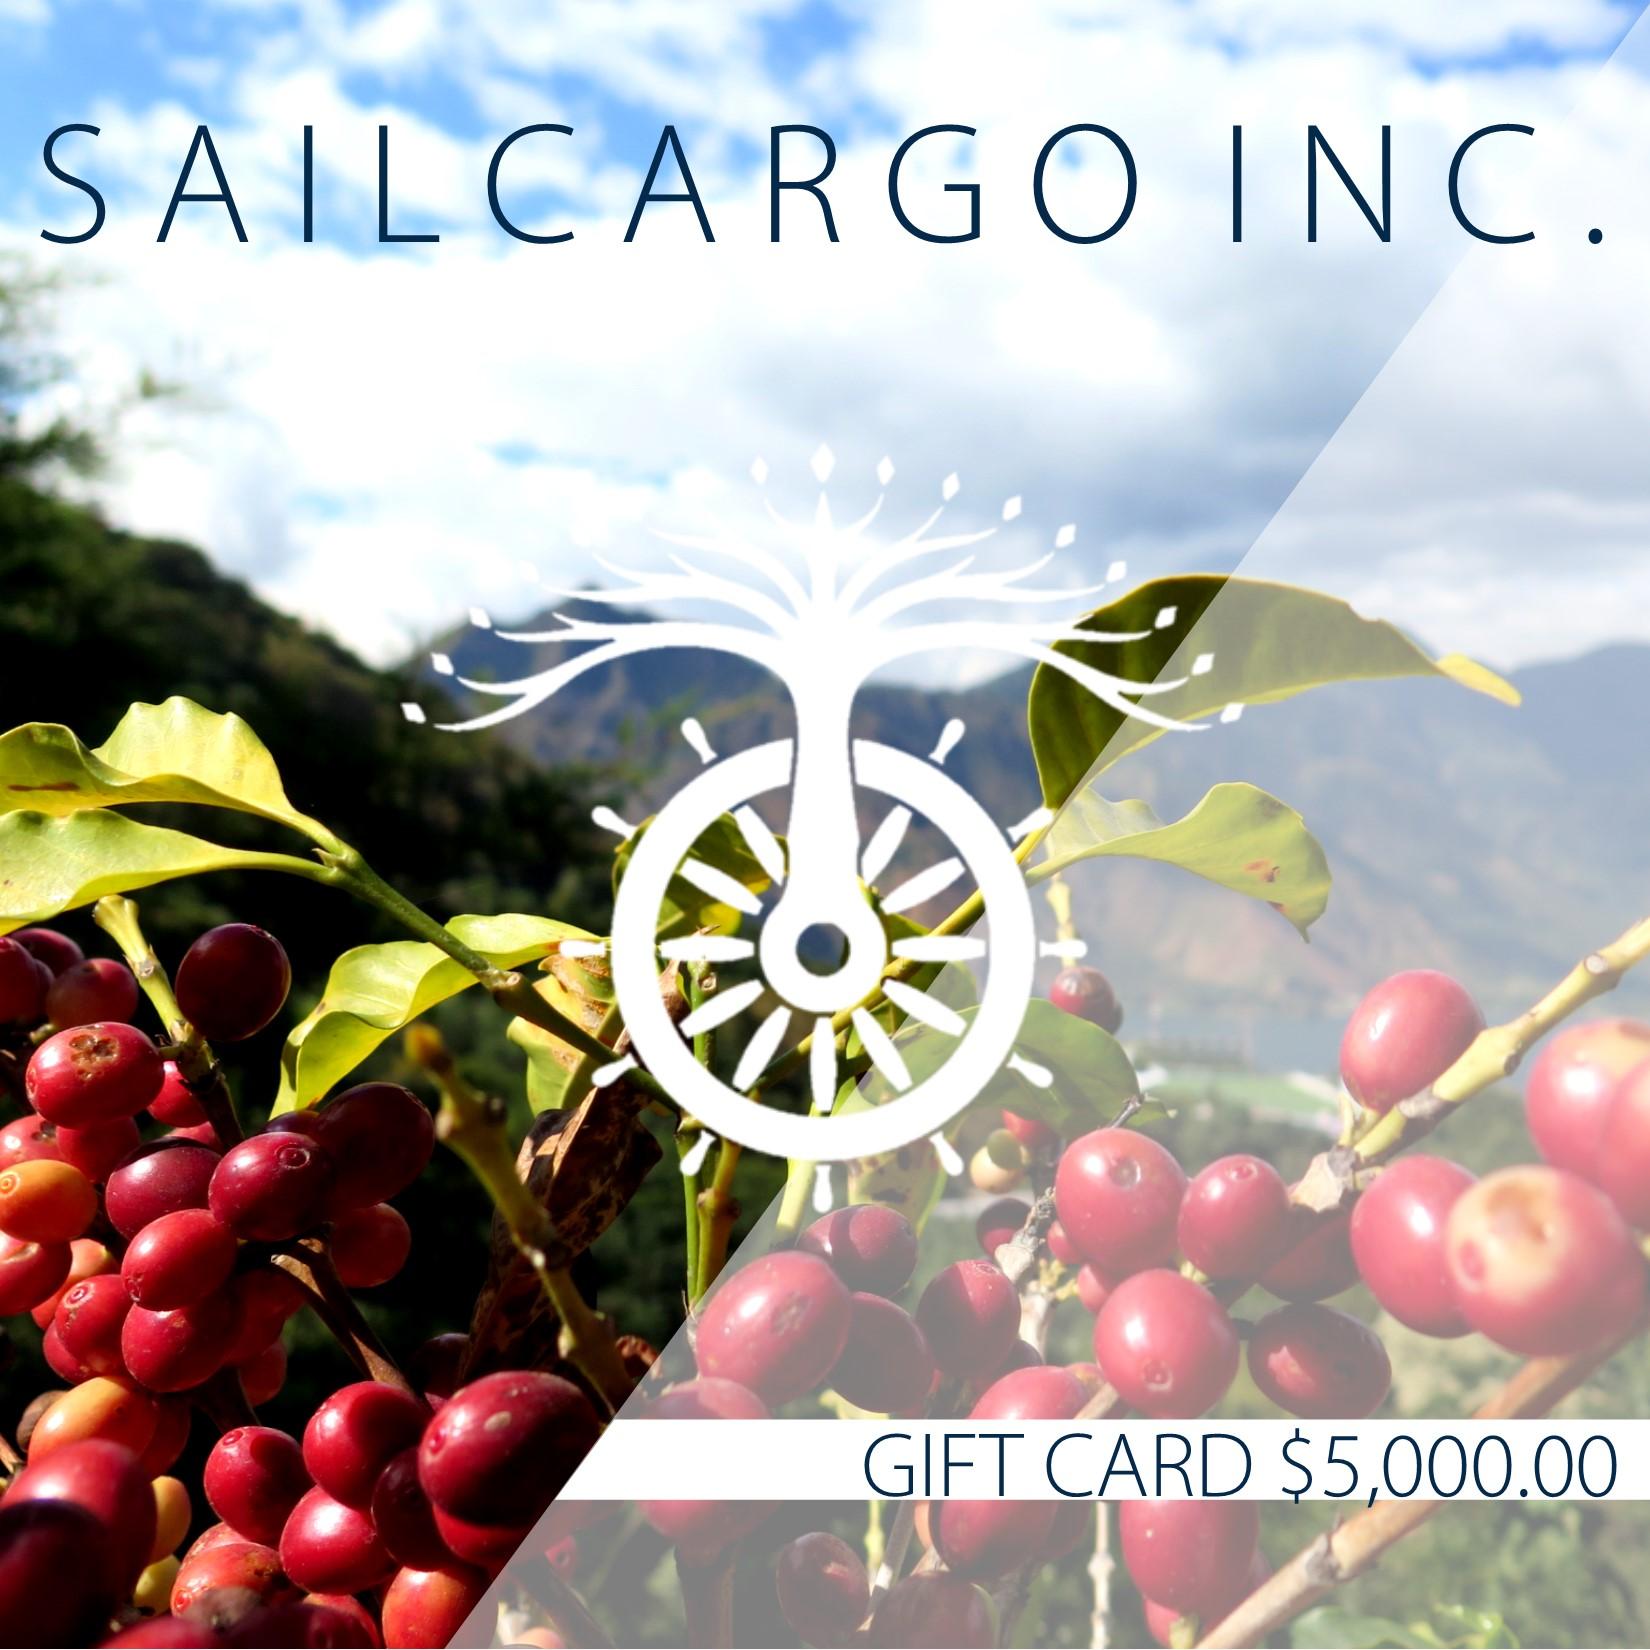 Coffee Bean $5,000.00 Gift Card